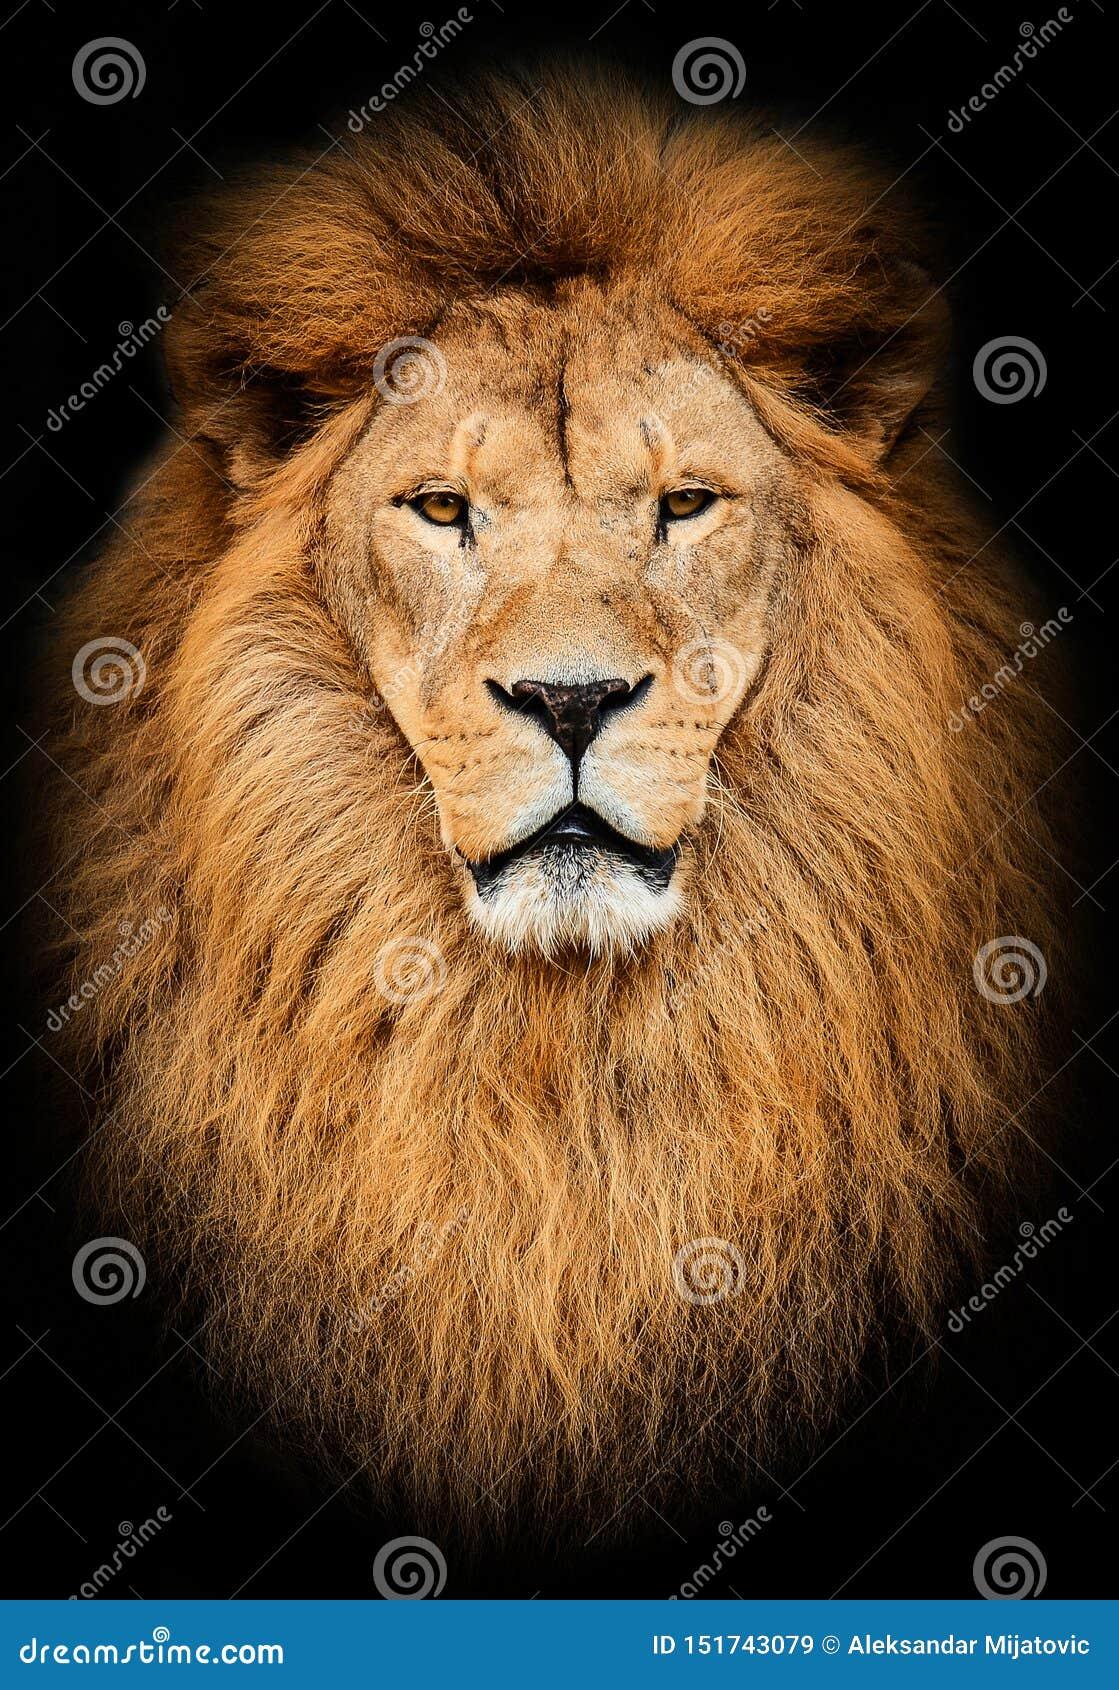 巨大的美丽的公非洲狮子画象反对黑背景的